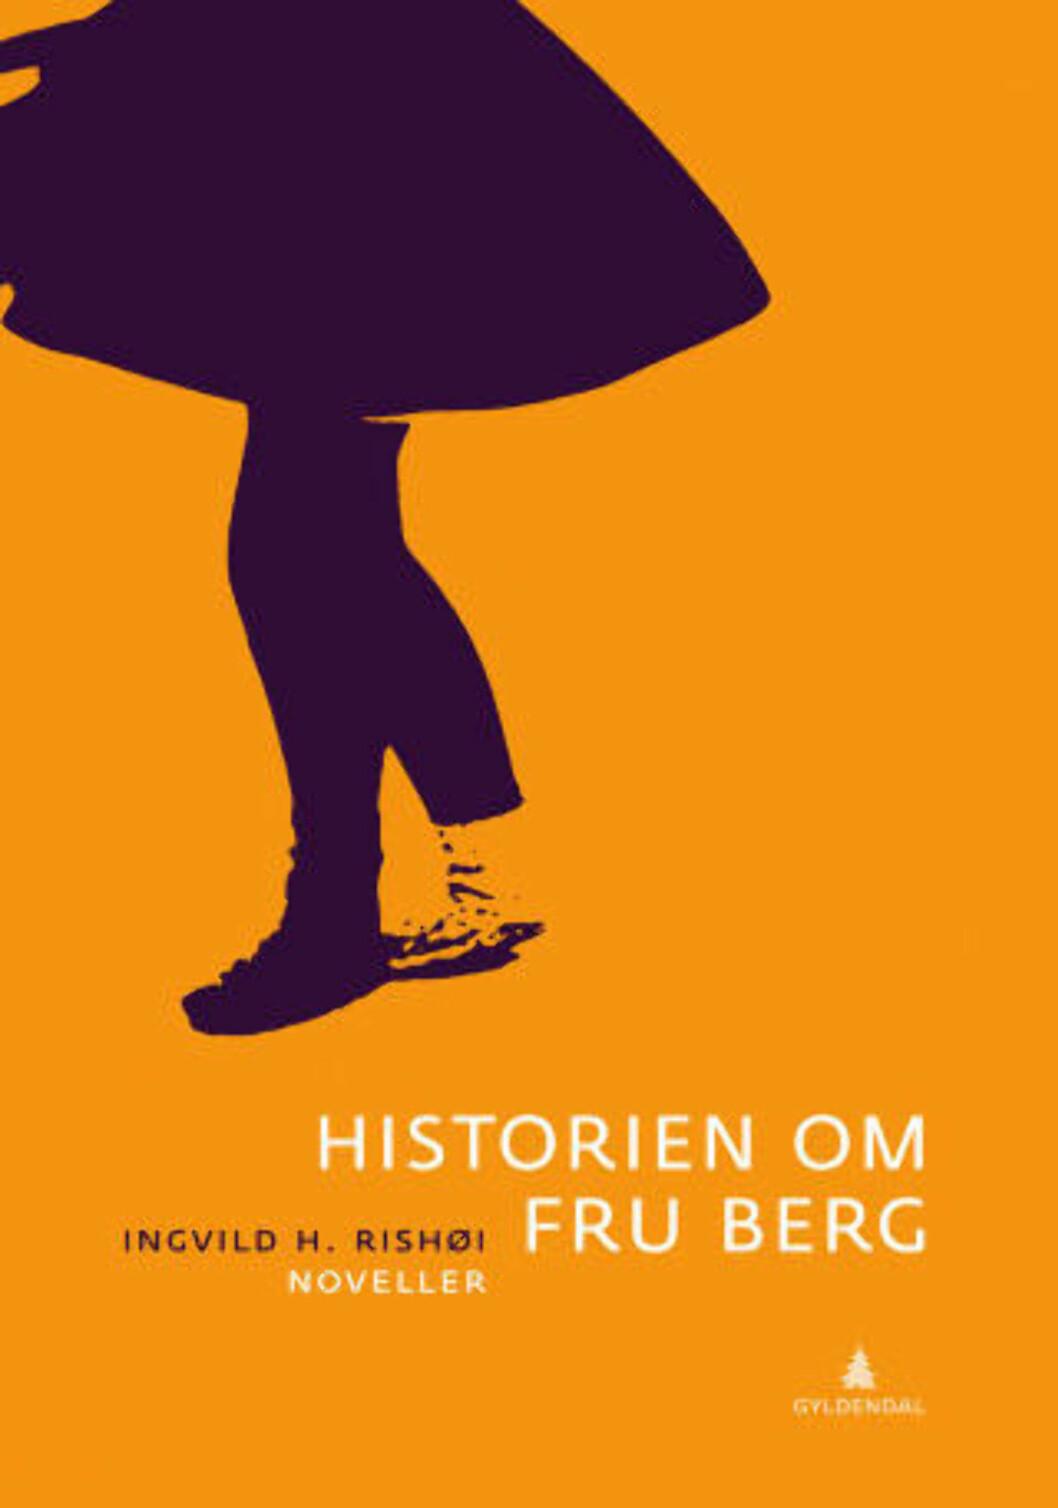 Mesterlige noveller fra Ingvild H. Rishøi